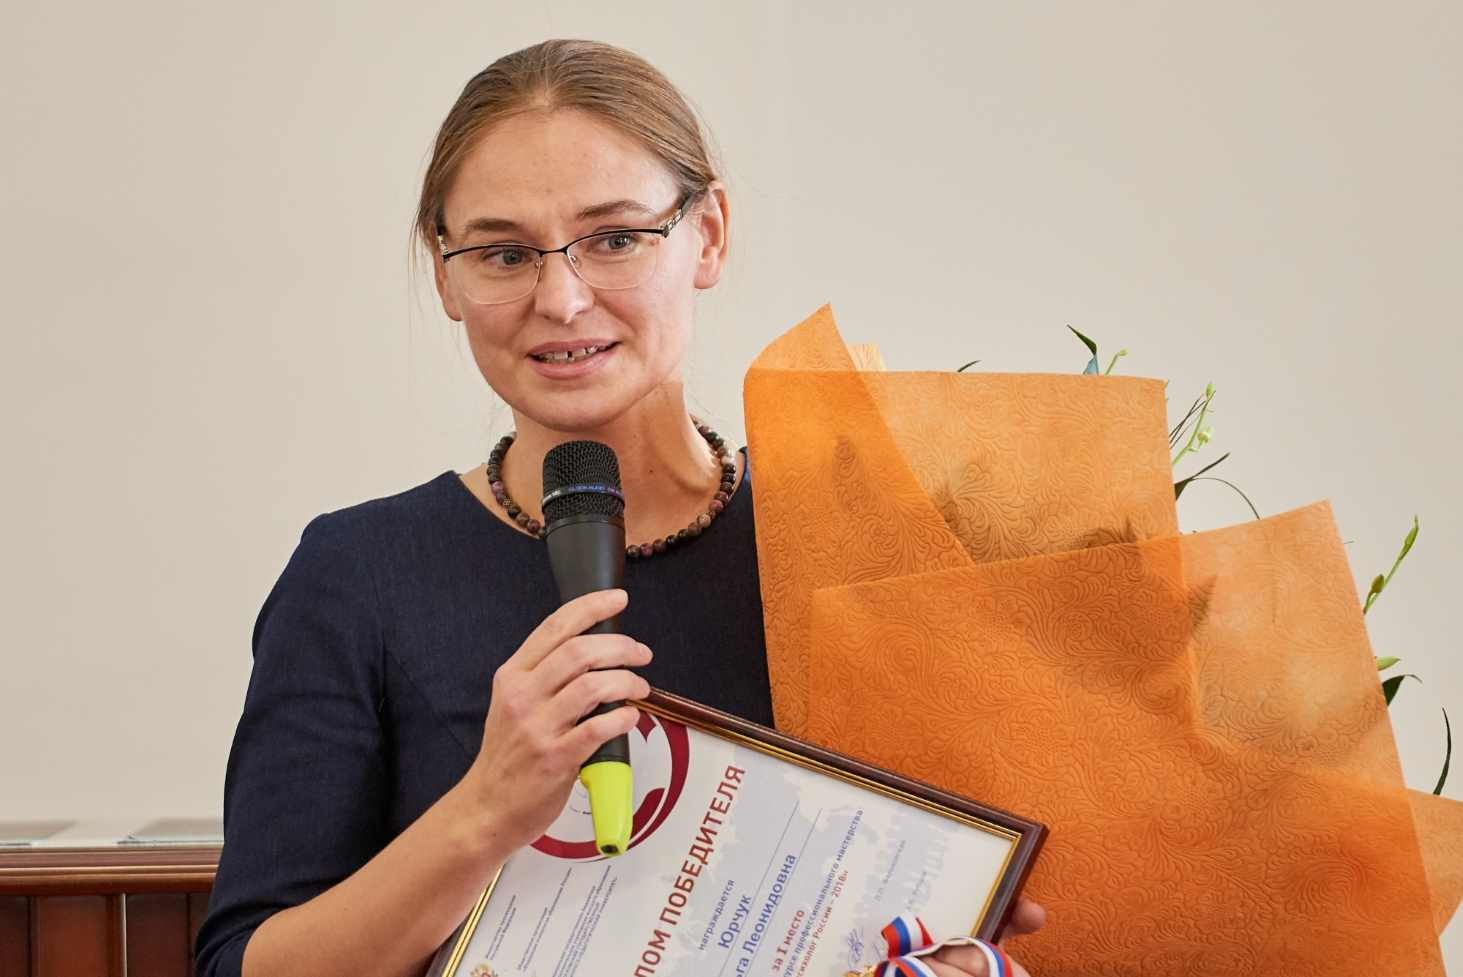 minprosveshheniya-nazvalo-imya-glavnogo-pedagoga-psihologa-rossii